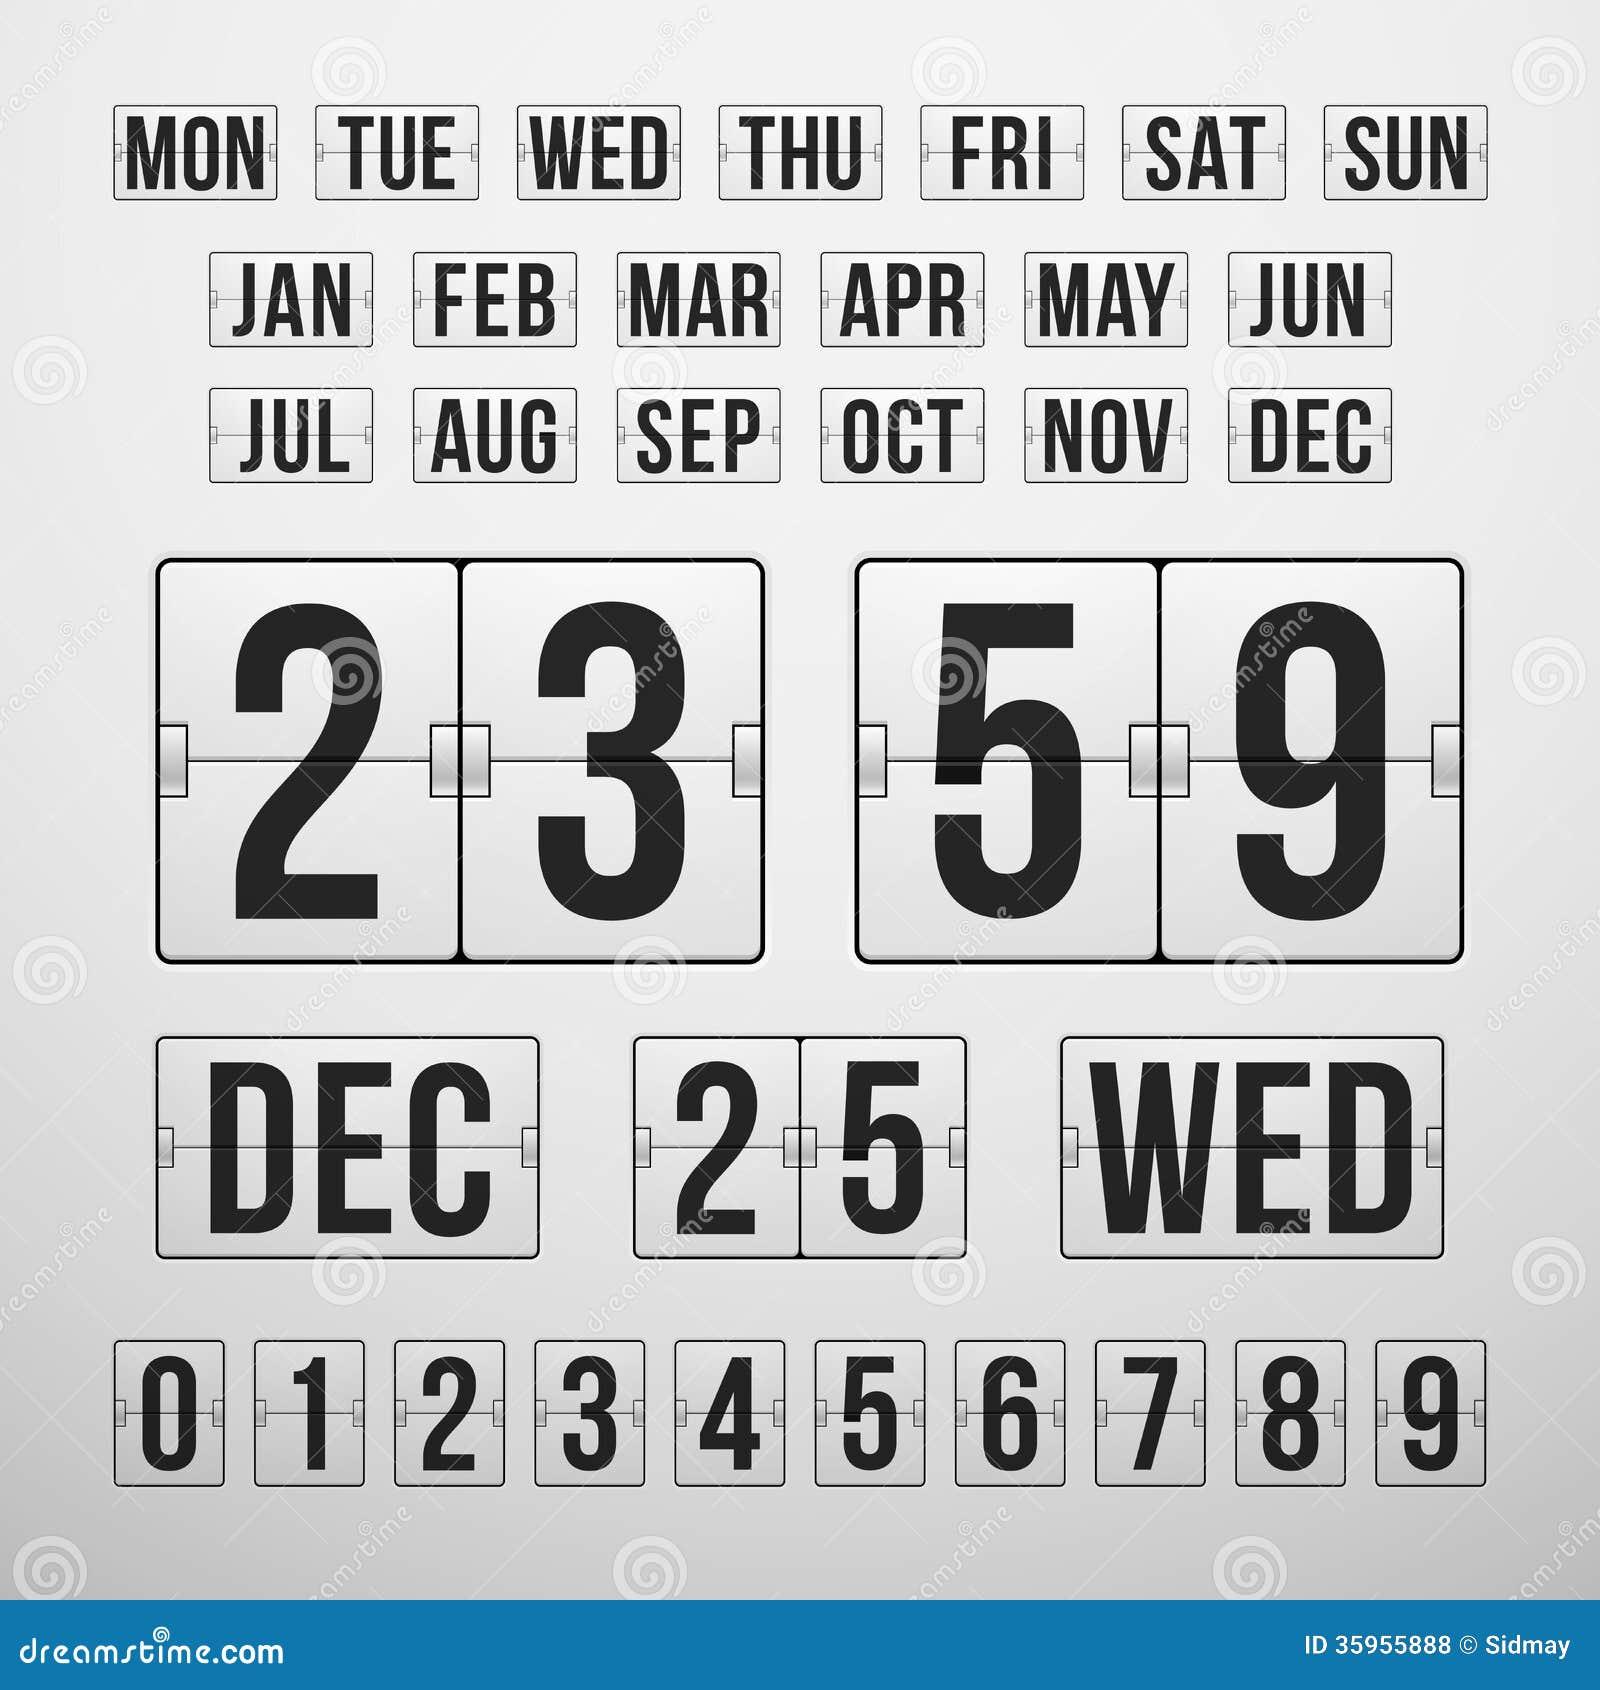 Contador de tiempo y fecha, marcador de la cuenta descendiente del calendario